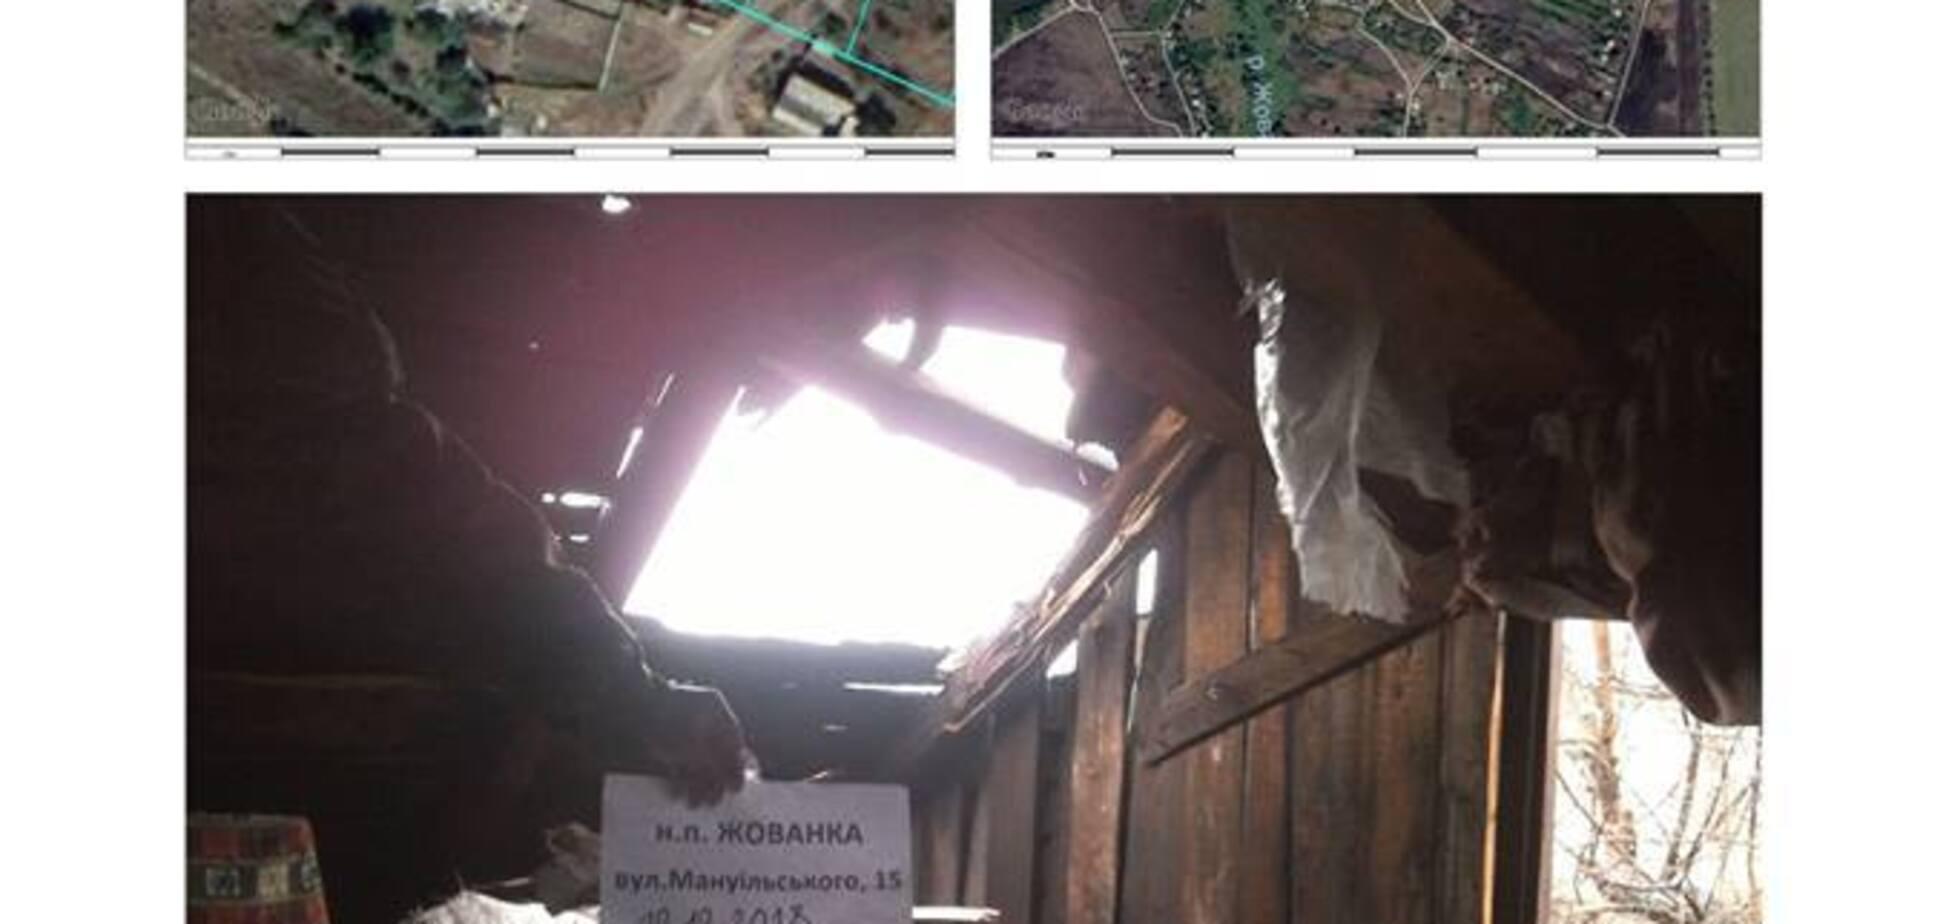 Російські окупанти обстріляли будинки мирних жителів на Донбасі: опубліковано фото